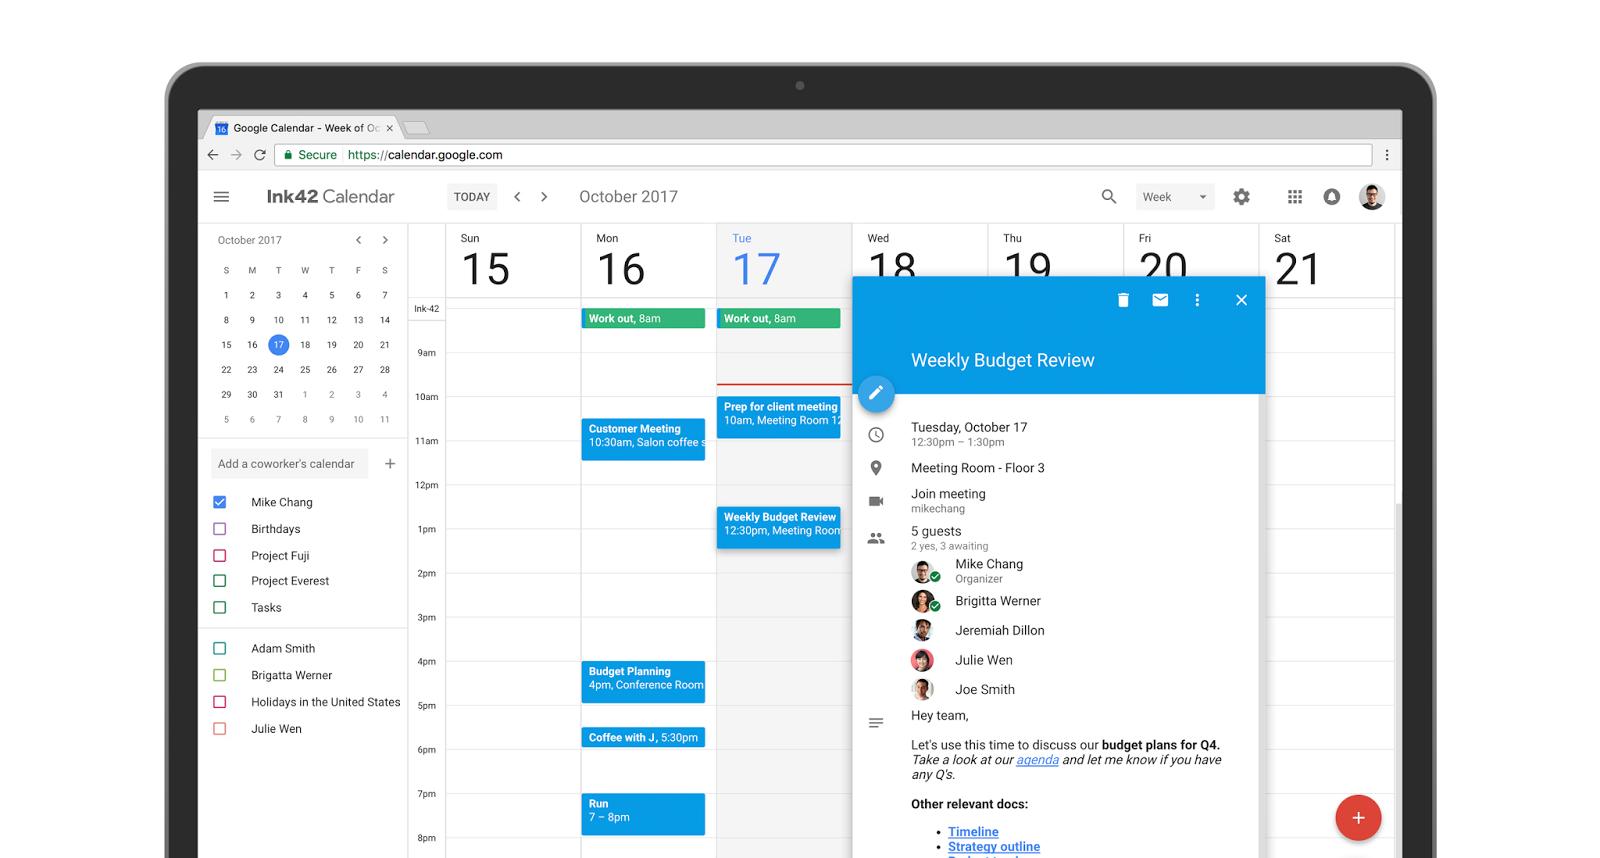 Calendar Screenshot from Computer